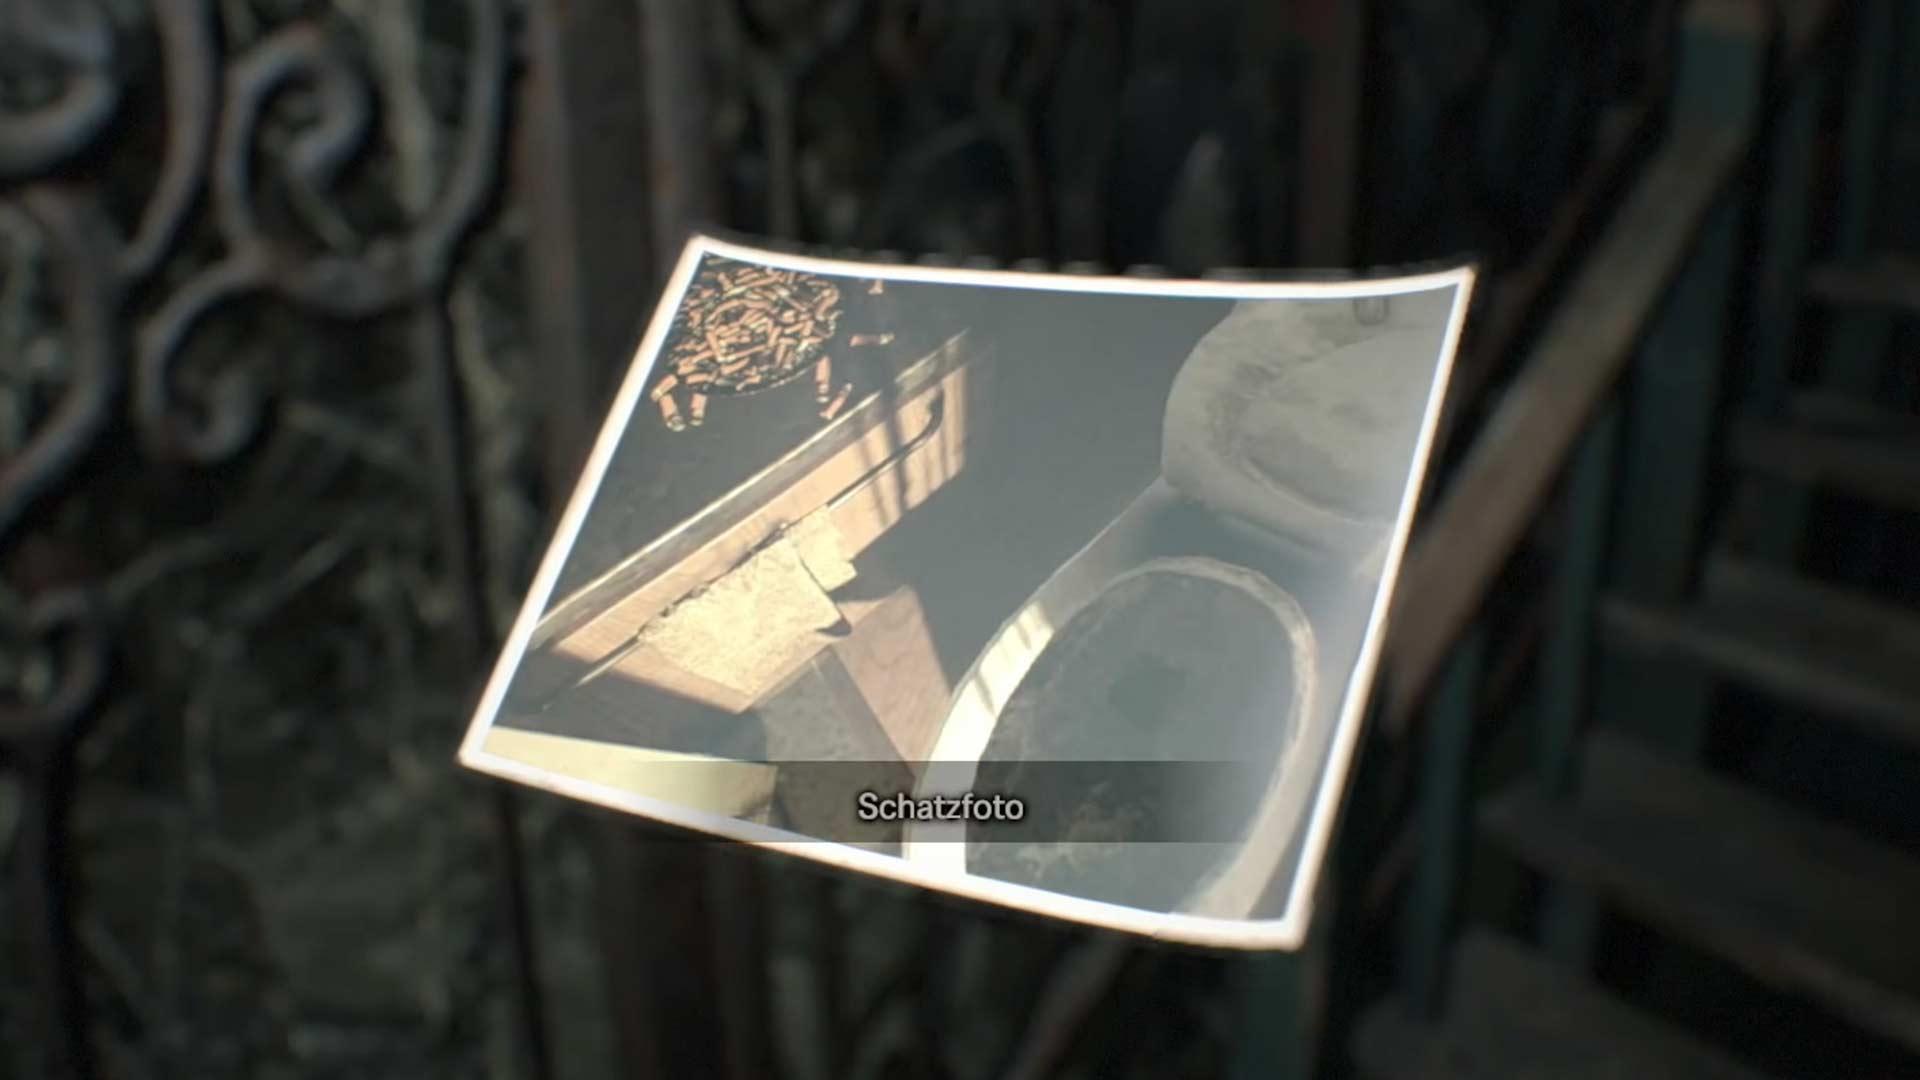 Schatzfoto 2 in Resident Evil 7